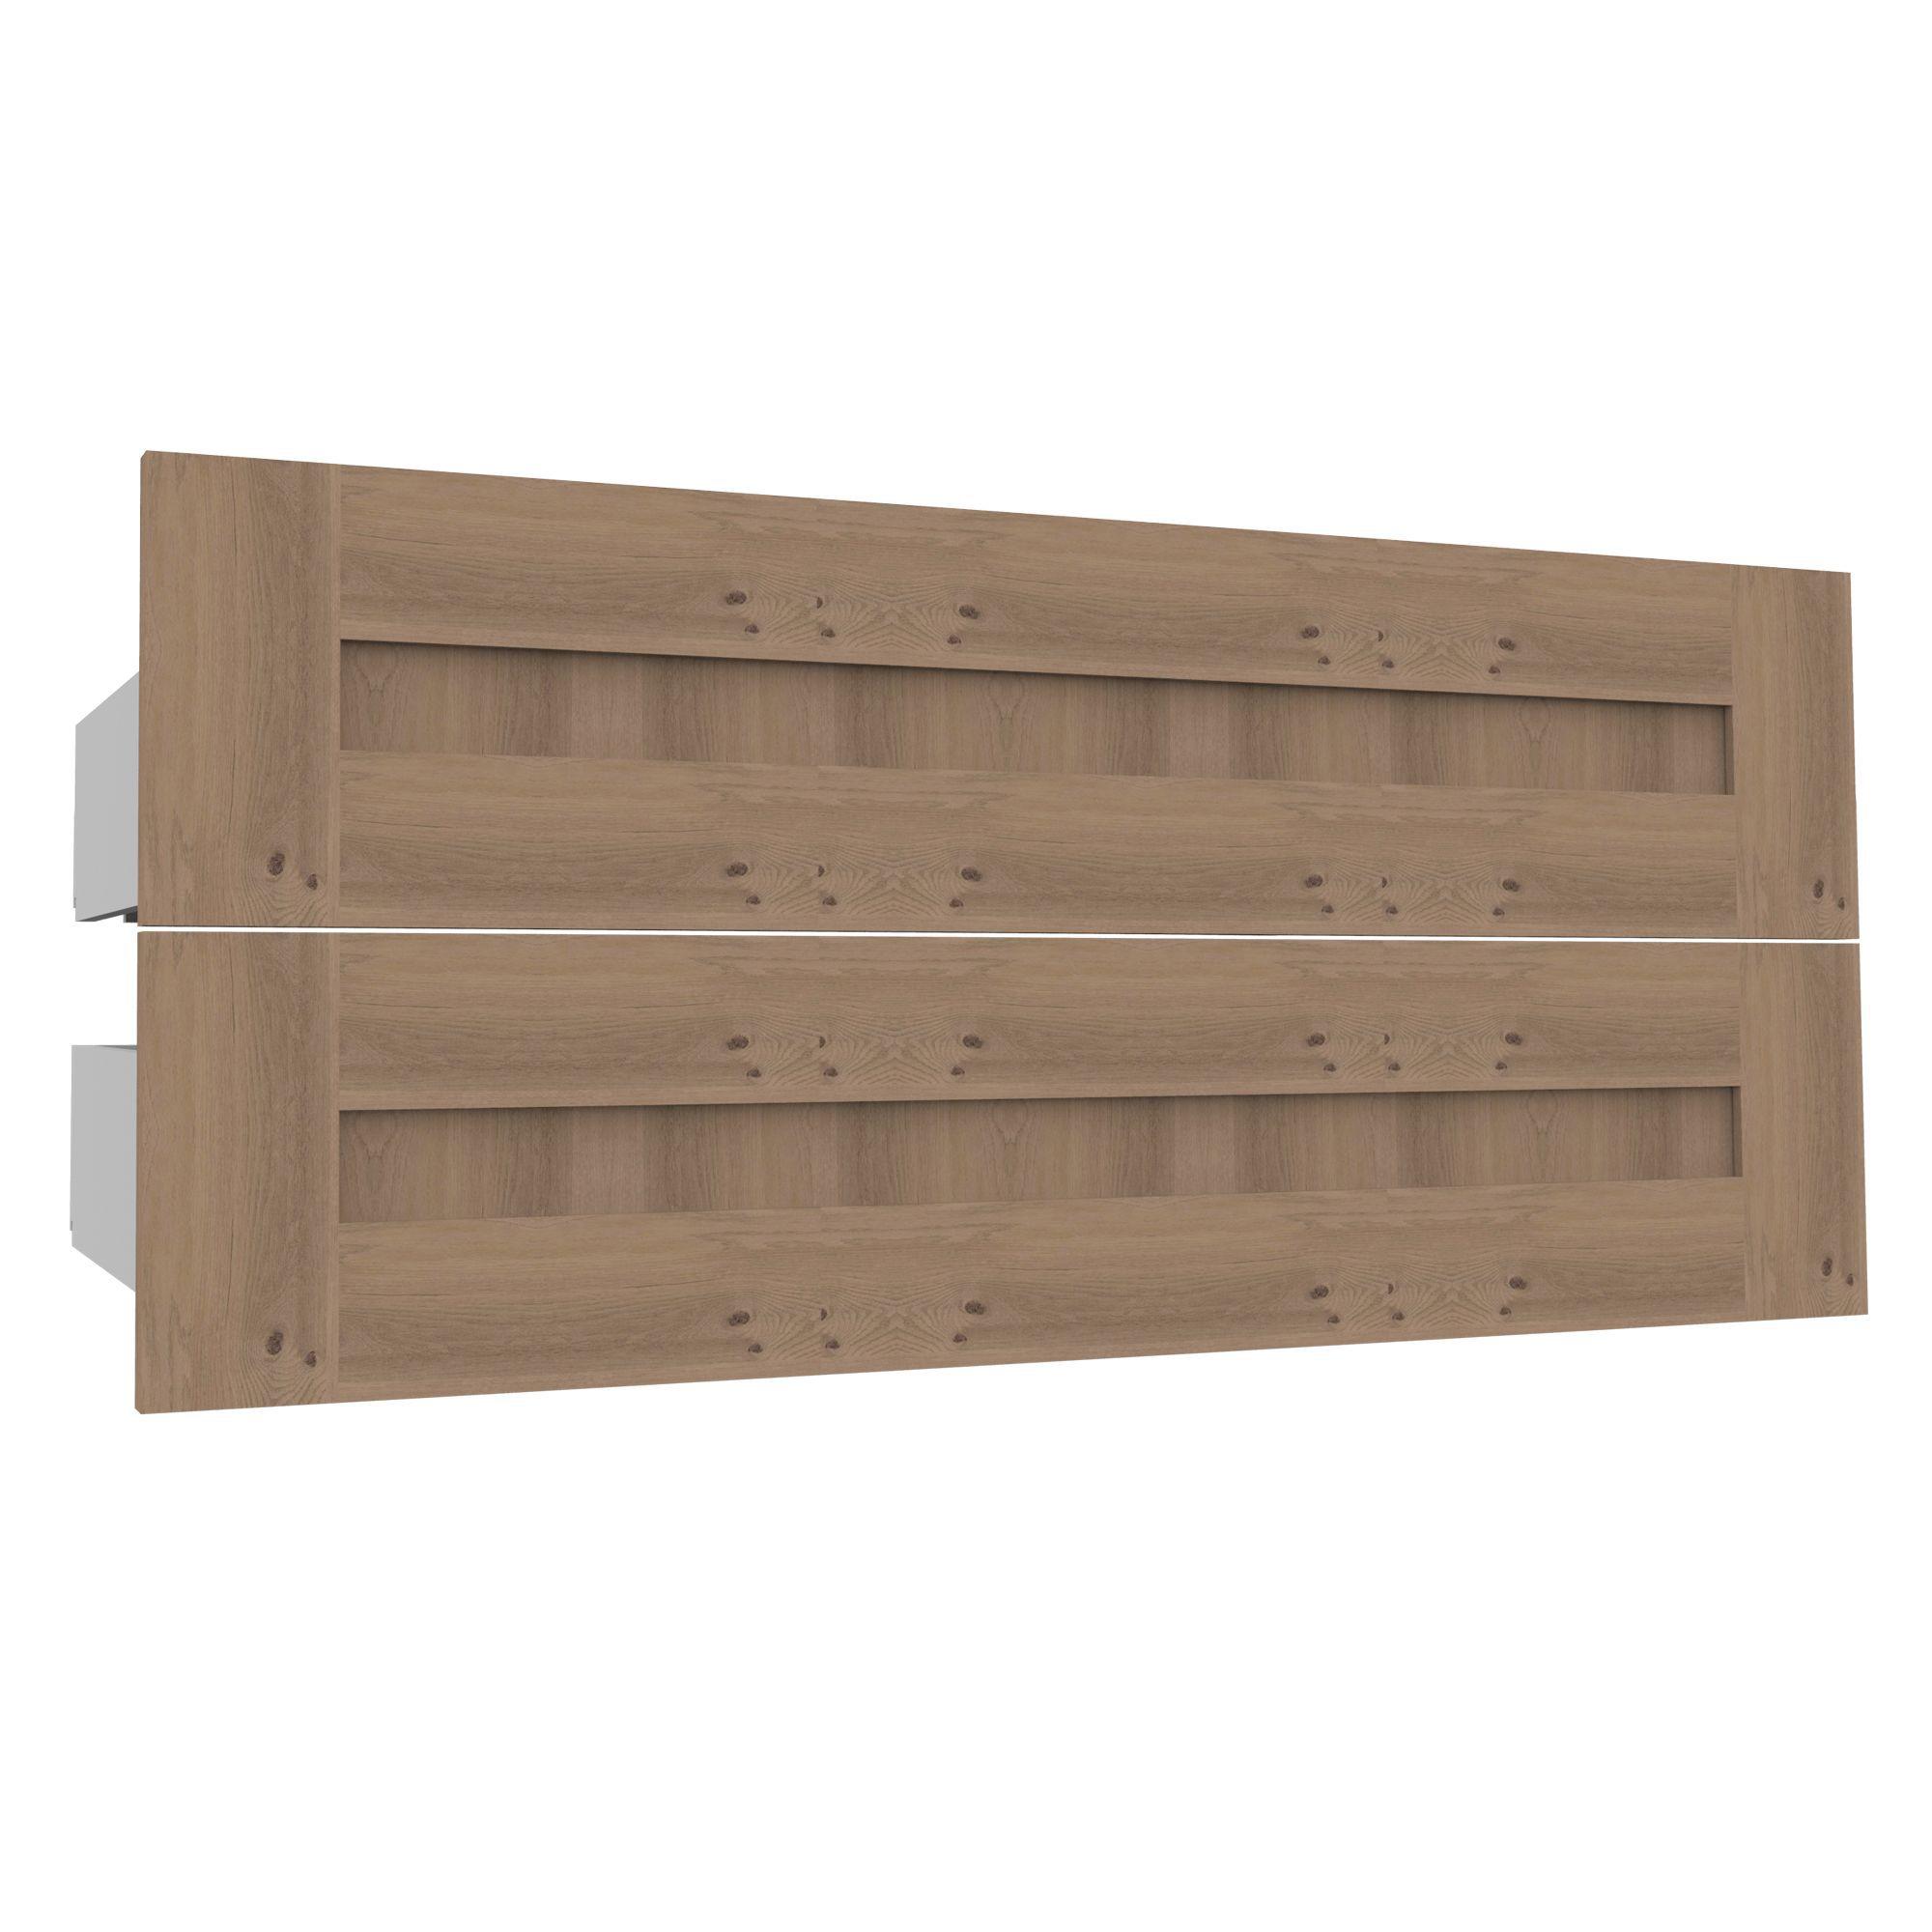 Darwin Modular Oak Effect External Drawers (w) 1000mm (d) 514mm, Pack Of 2